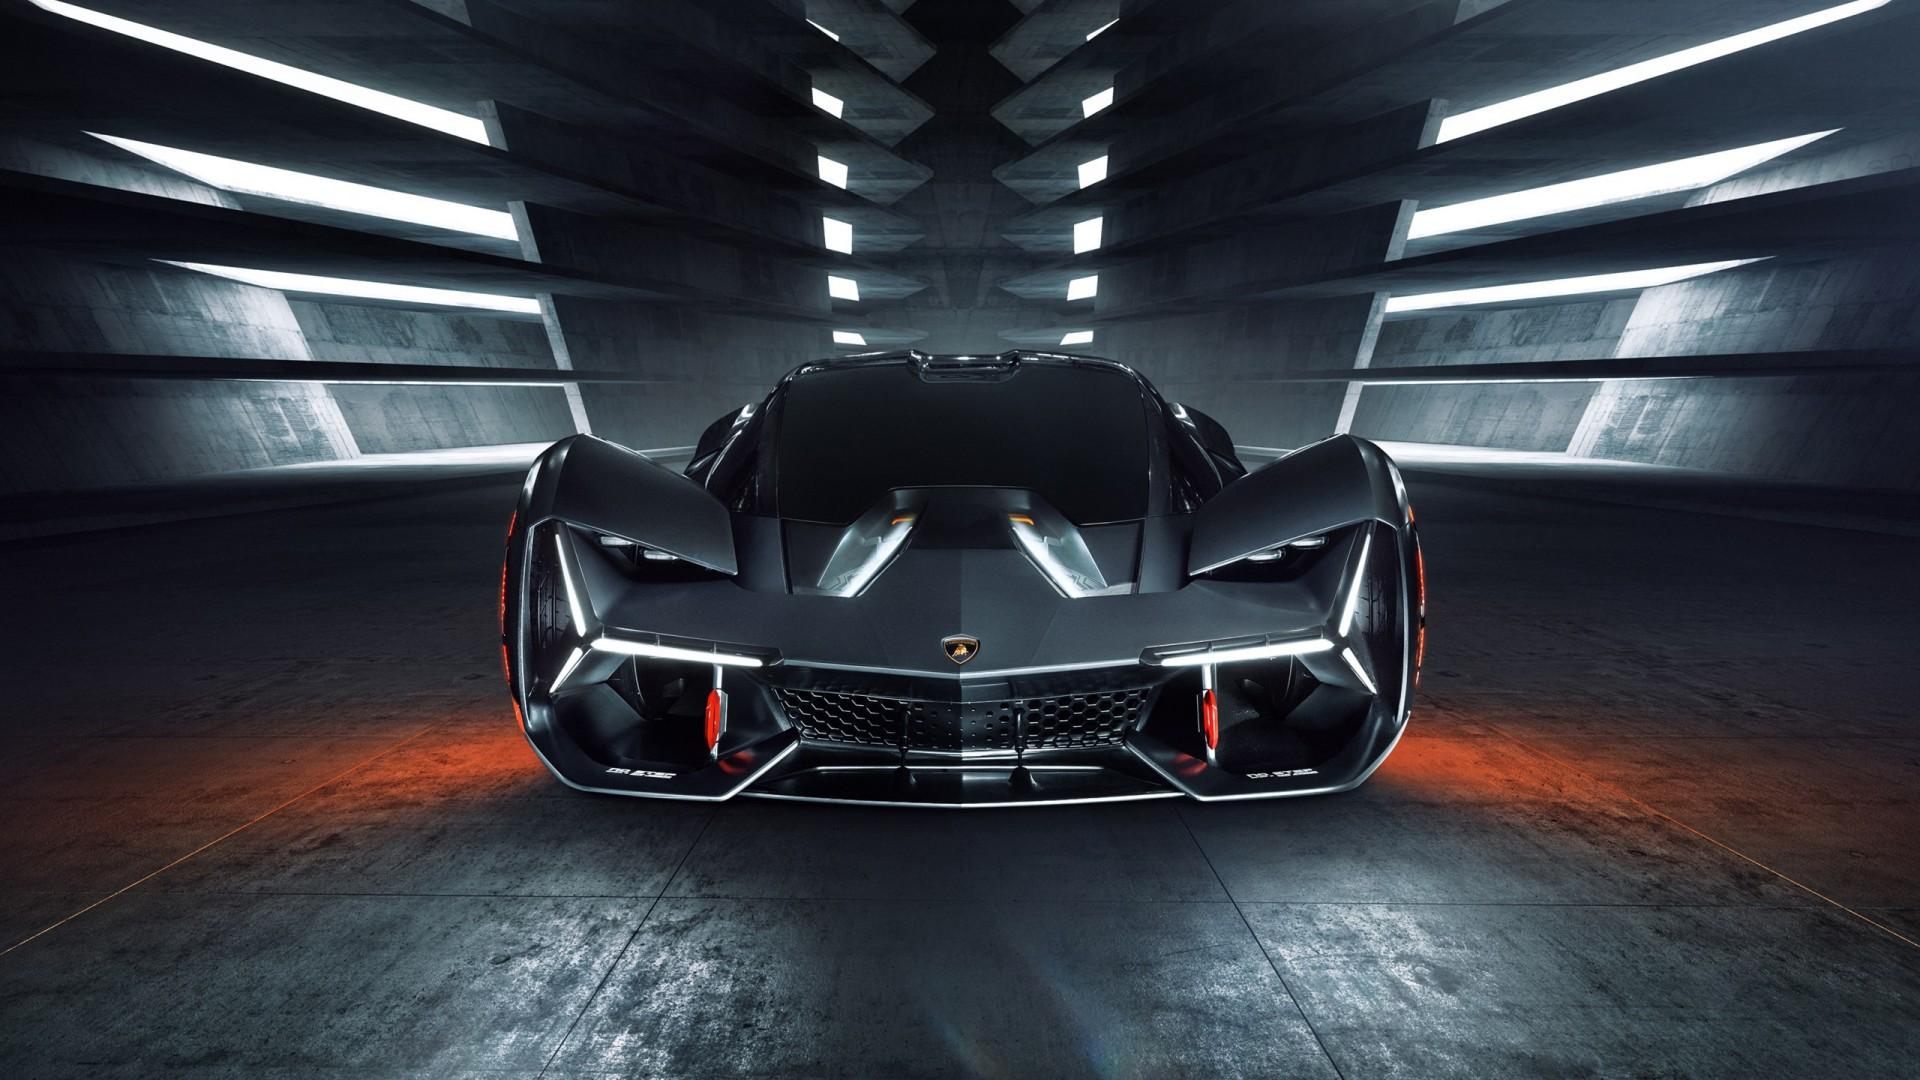 Lamborghini Terzo Millennio 2019 Wallpaper   HD Car ...